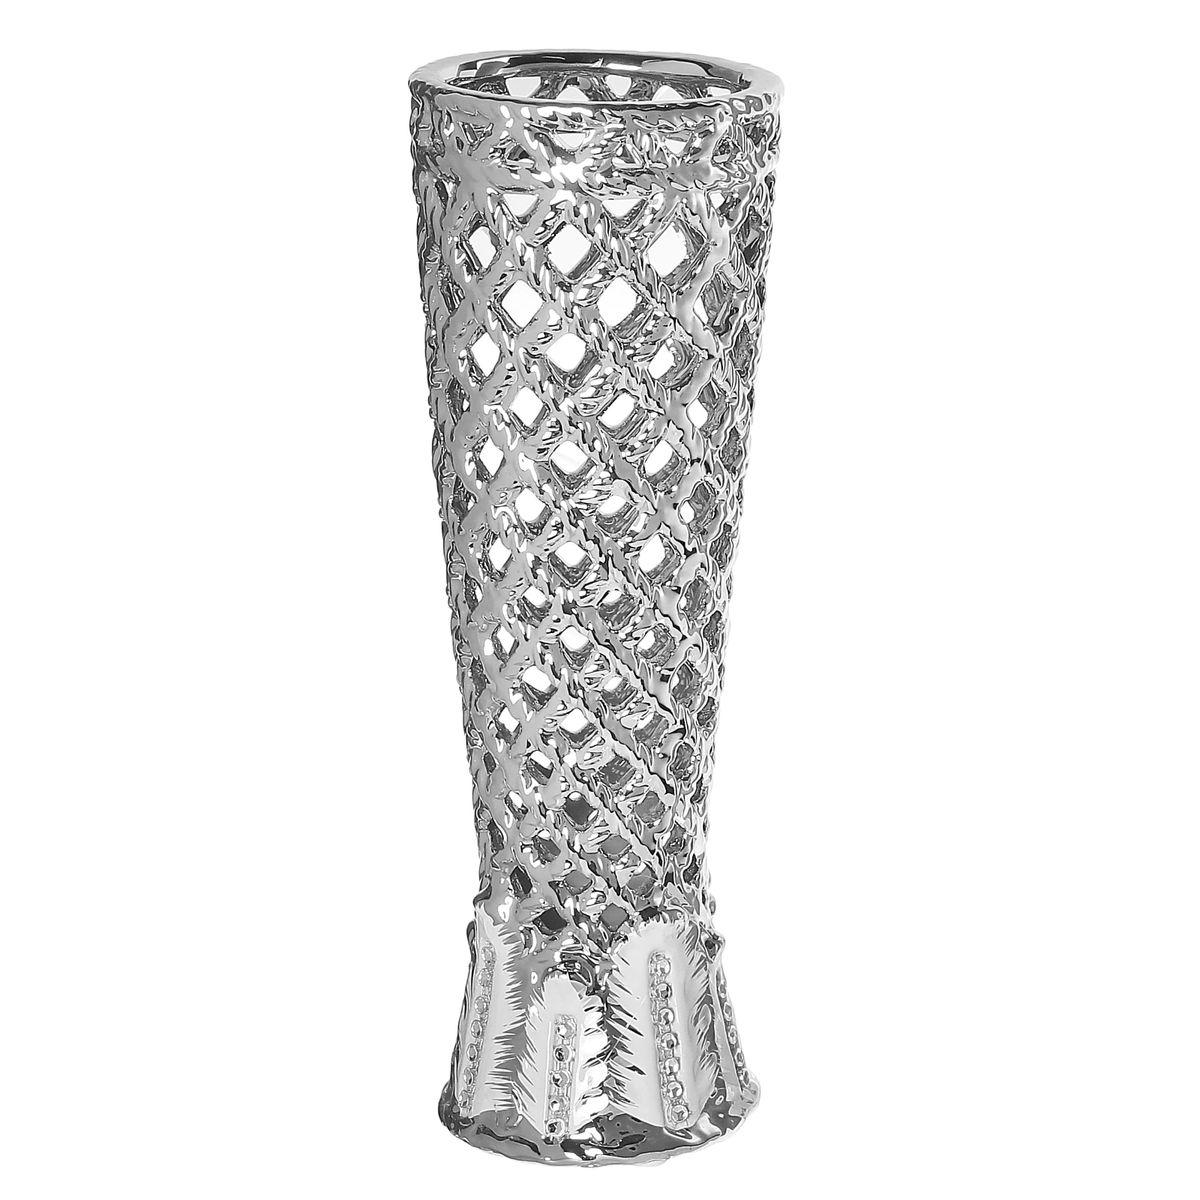 Ваза Sima-land Серебряная сетка, высота 28,5 см. 866199FS-91909Ажурная ваза Sima-land Серебряная сетка, изготовленная из высококачественной керамики, добавит в интерьер морозный лоск и деликатный шик. Дно изделия оснащено нескользящими накладками. В такой вазе эффектно будут смотреться композиции, выполненные из декоративных цветов. Любое помещение выглядит незавершенным без правильно расположенных предметов интерьера. Они помогают создать уют, расставить акценты, подчеркнуть достоинства или скрыть недостатки.